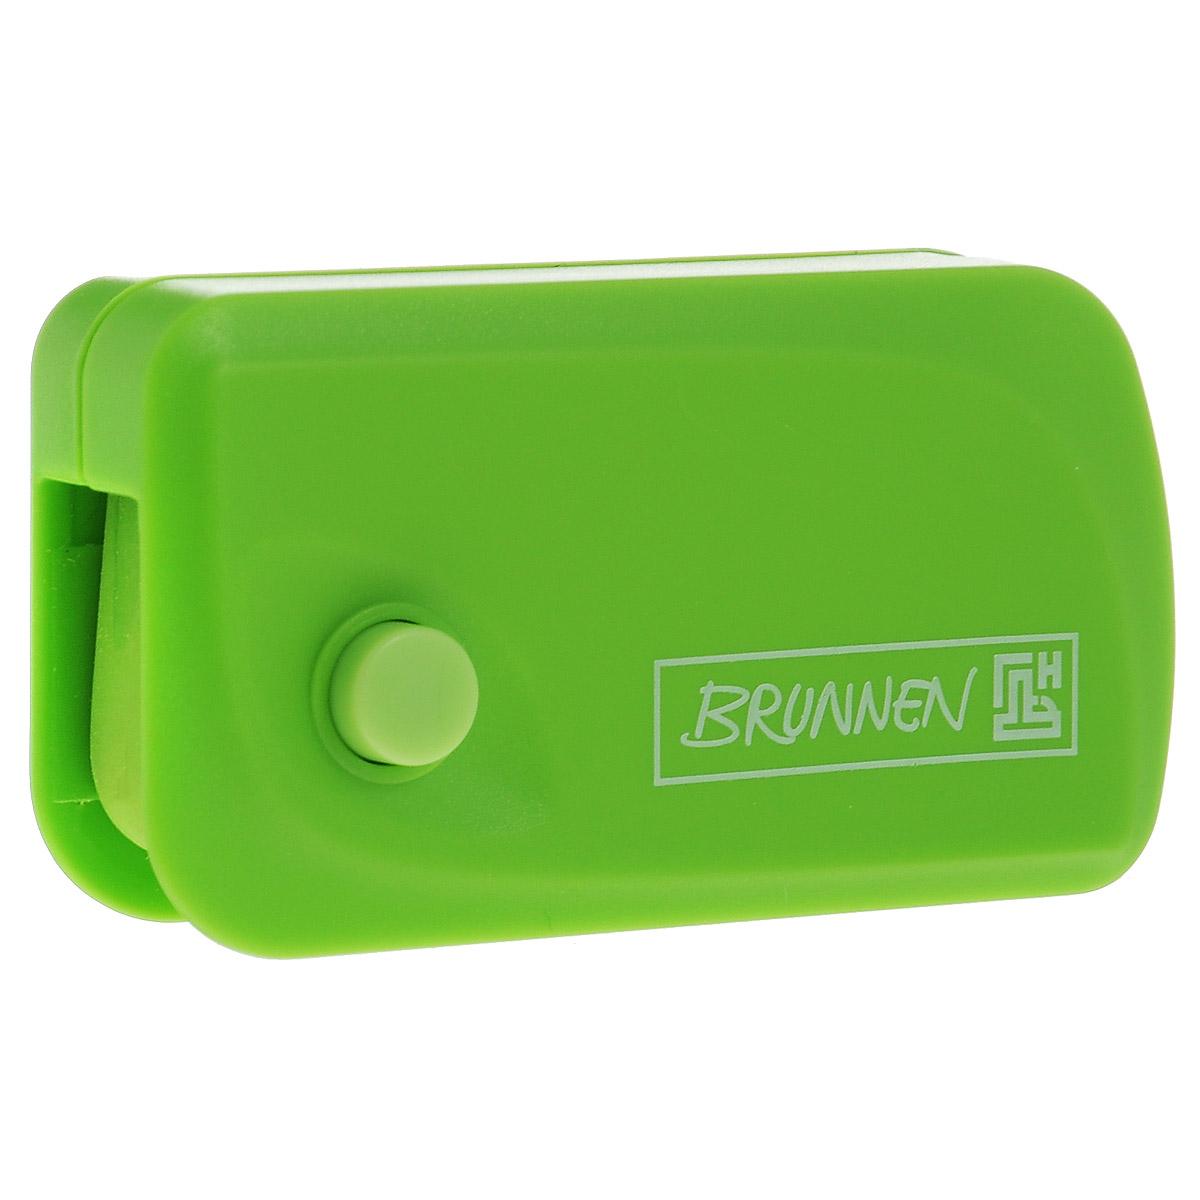 Brunnen Ластик Клик, цвет: зеленыйFS-36054Автоматический ластик Brunnen Клик станет незаменимым аксессуаром на рабочем столе не только школьника или студента, но и офисного работника. Ластик в пластиковом прямоугольном корпусе зеленого цвета. На корпусе имеются отверстия для подвесок и брелоков. Ластик выдвигается из корпуса с приятным приглушенным щелчком (сбоку на корпусе есть кнопка для выдвижения ластика).Выдвигающийся ластик имеет прямоугольную форму со слегка закругленным одним краем.